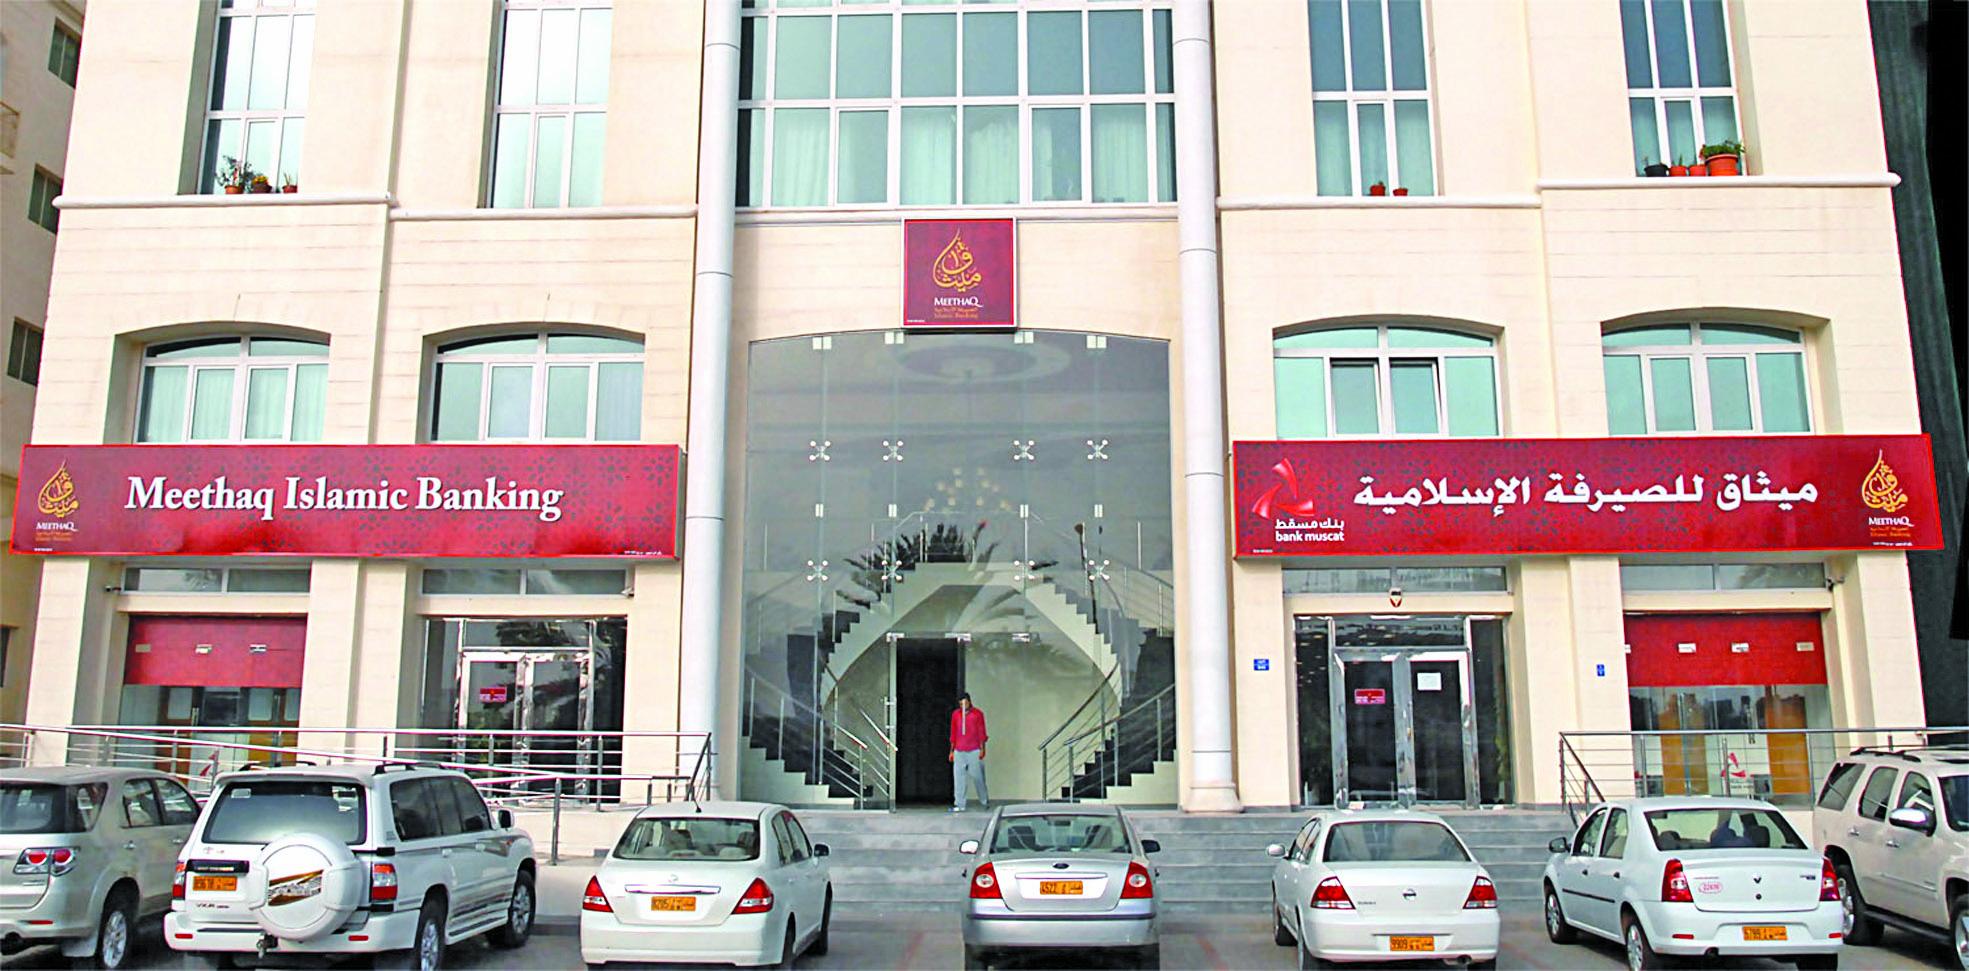 44.6 مليون ريال قيمة الاكتتاب الأول في صكوك «ميثاق للصيرفة الإسلامية»